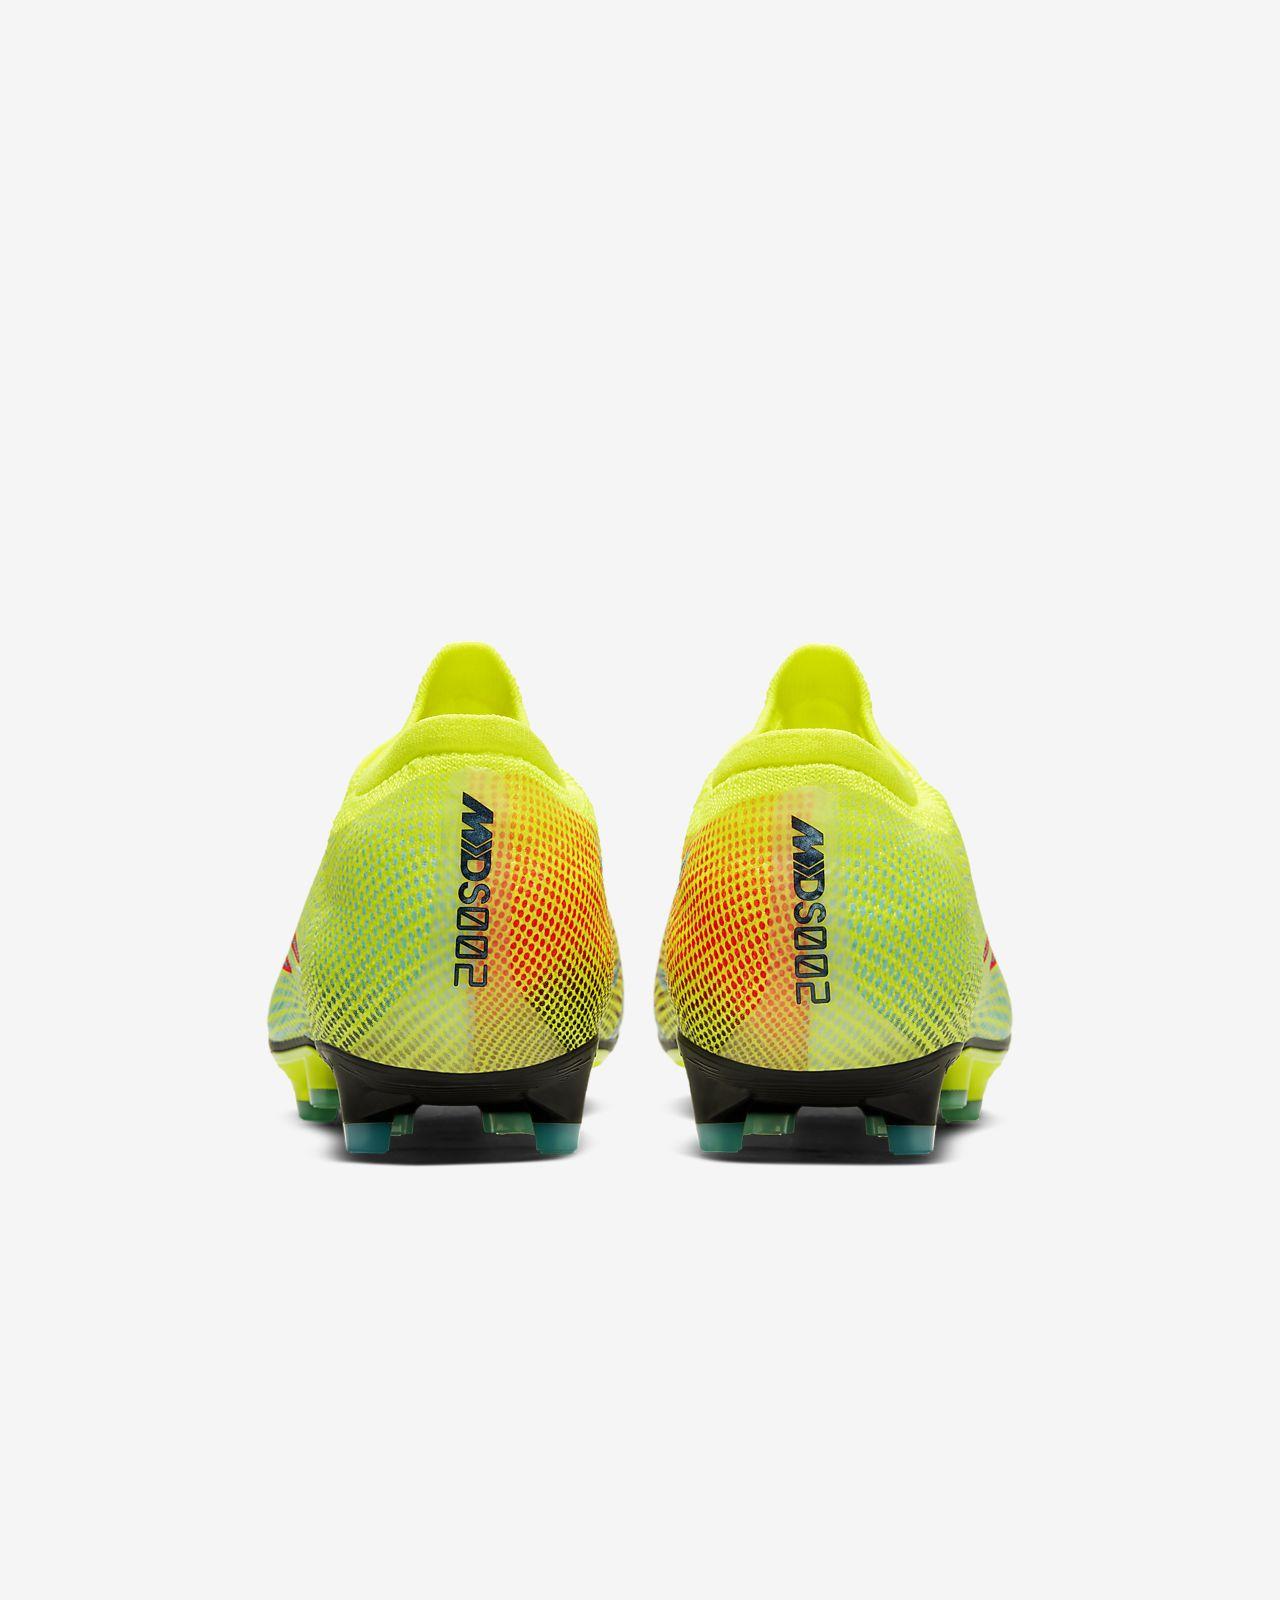 Chuteiras de futebol para relva artificial Nike Mercurial Vapor 13 Pro MDS AG PRO